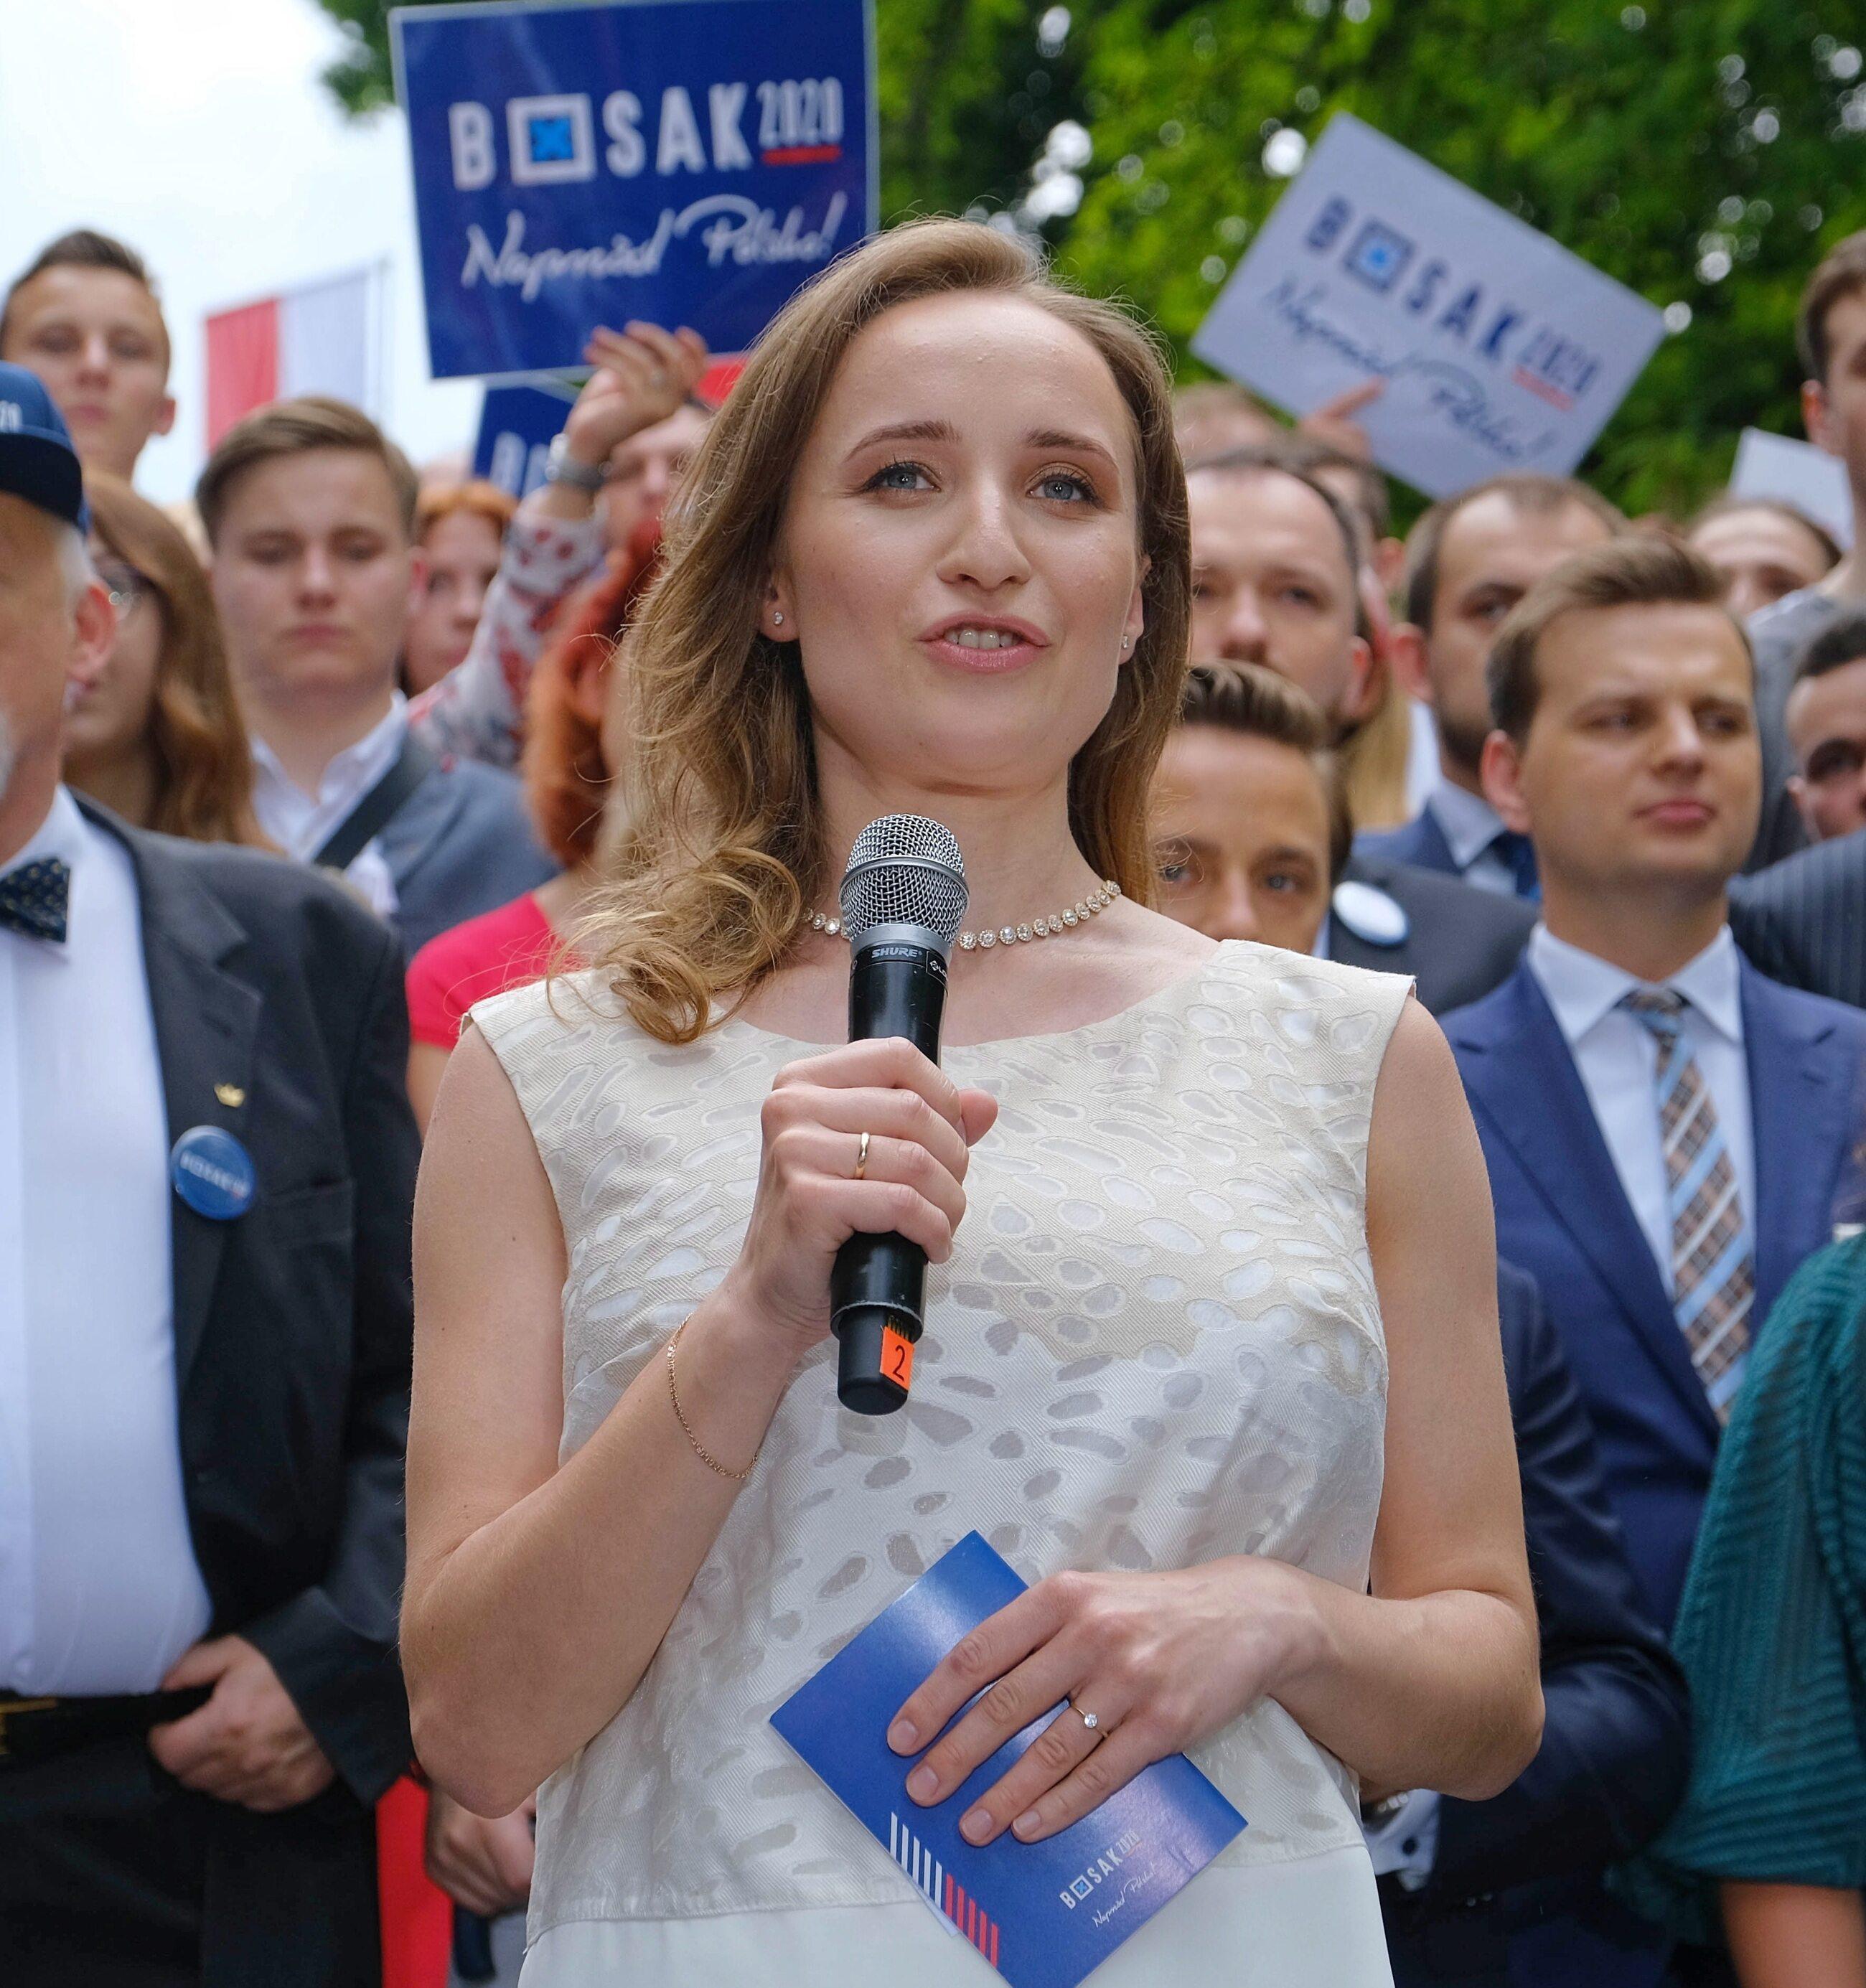 Karina Bosak